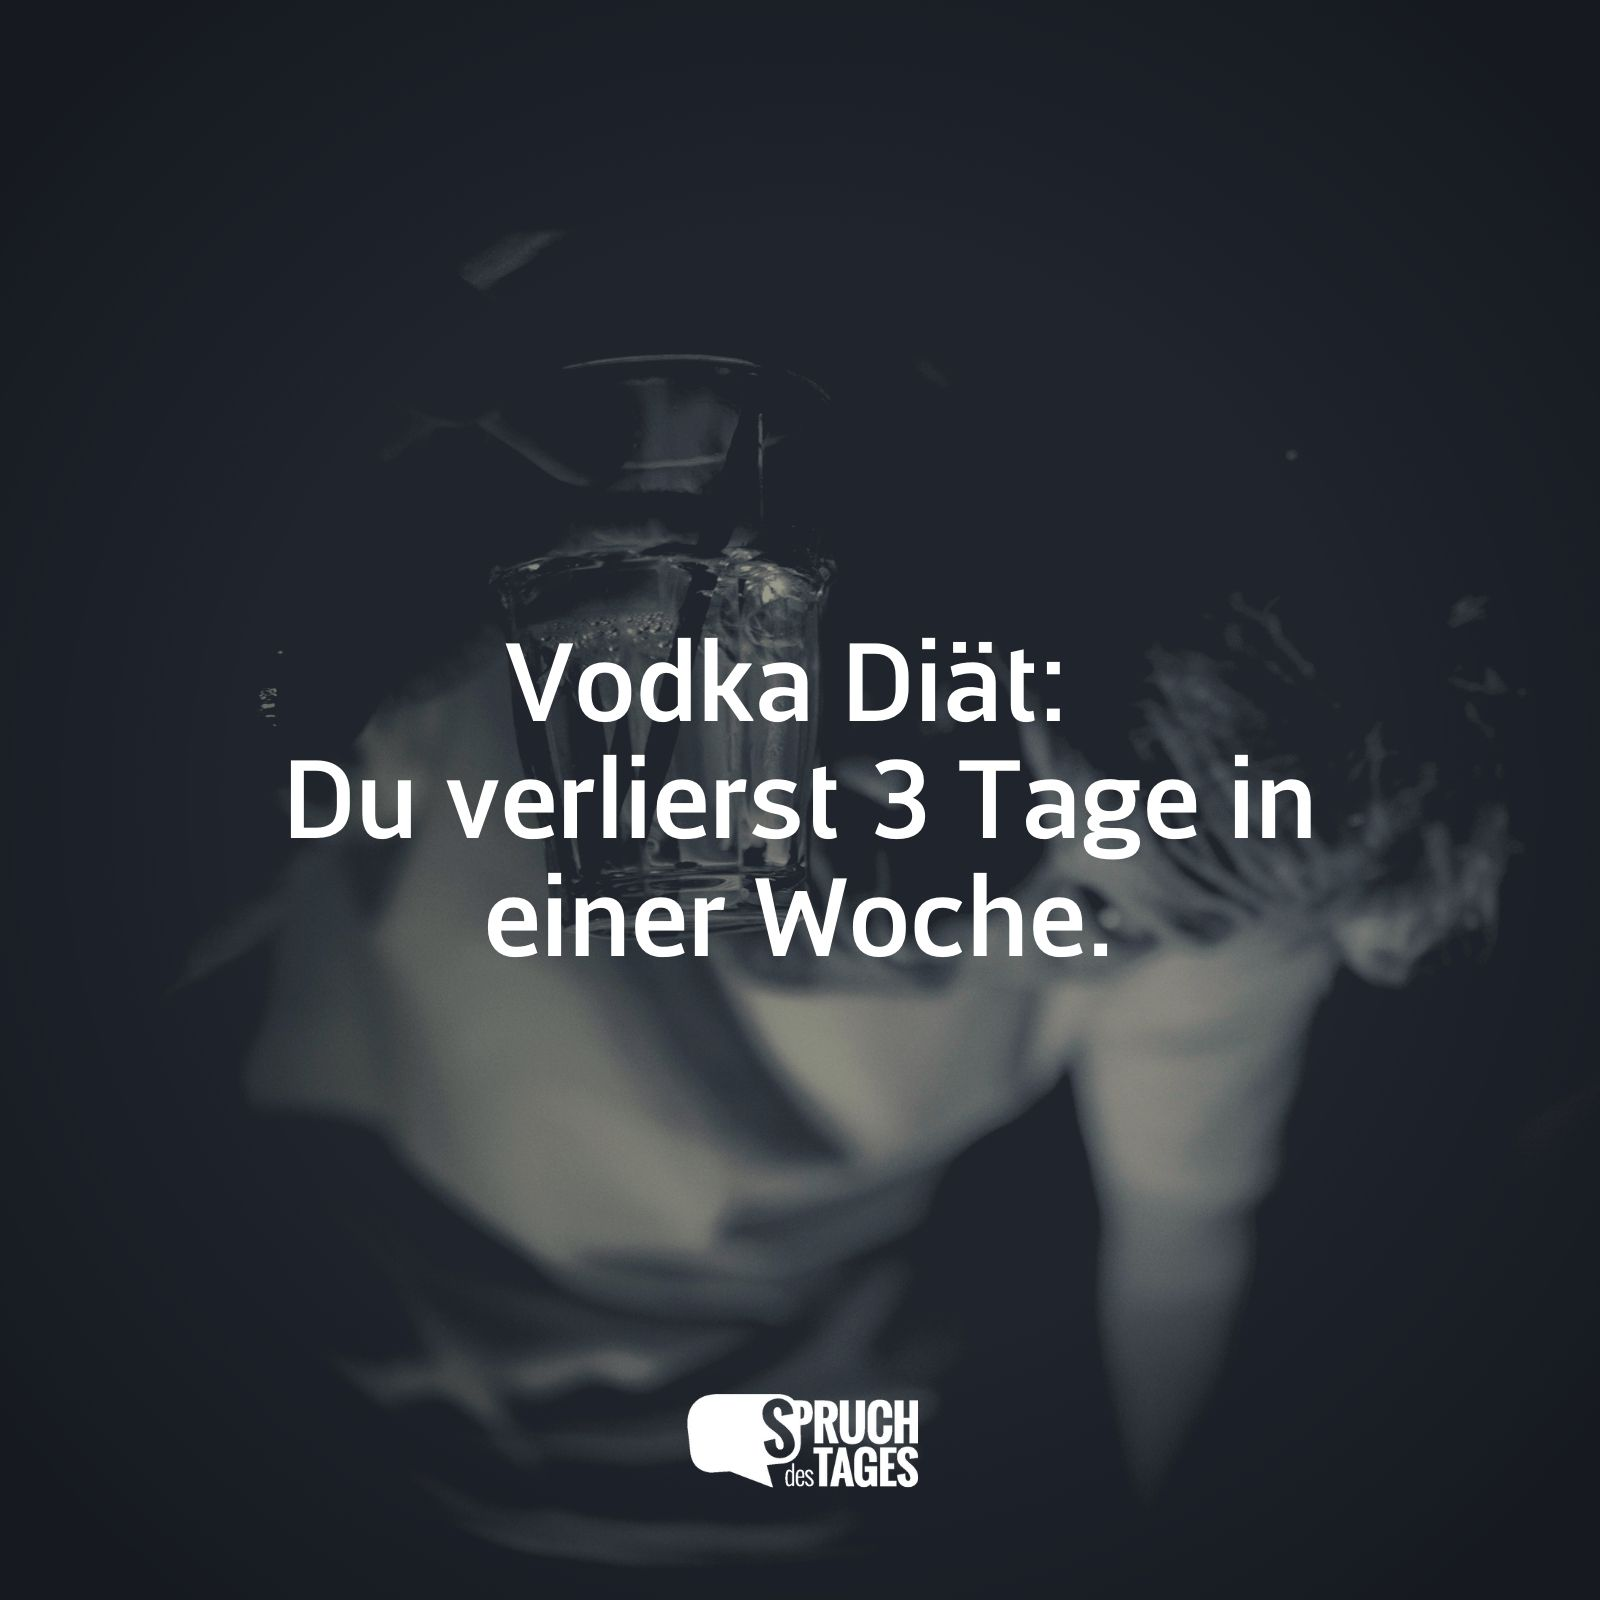 Vodka Diat Du Verlierst 3 Tage In Einer Woche